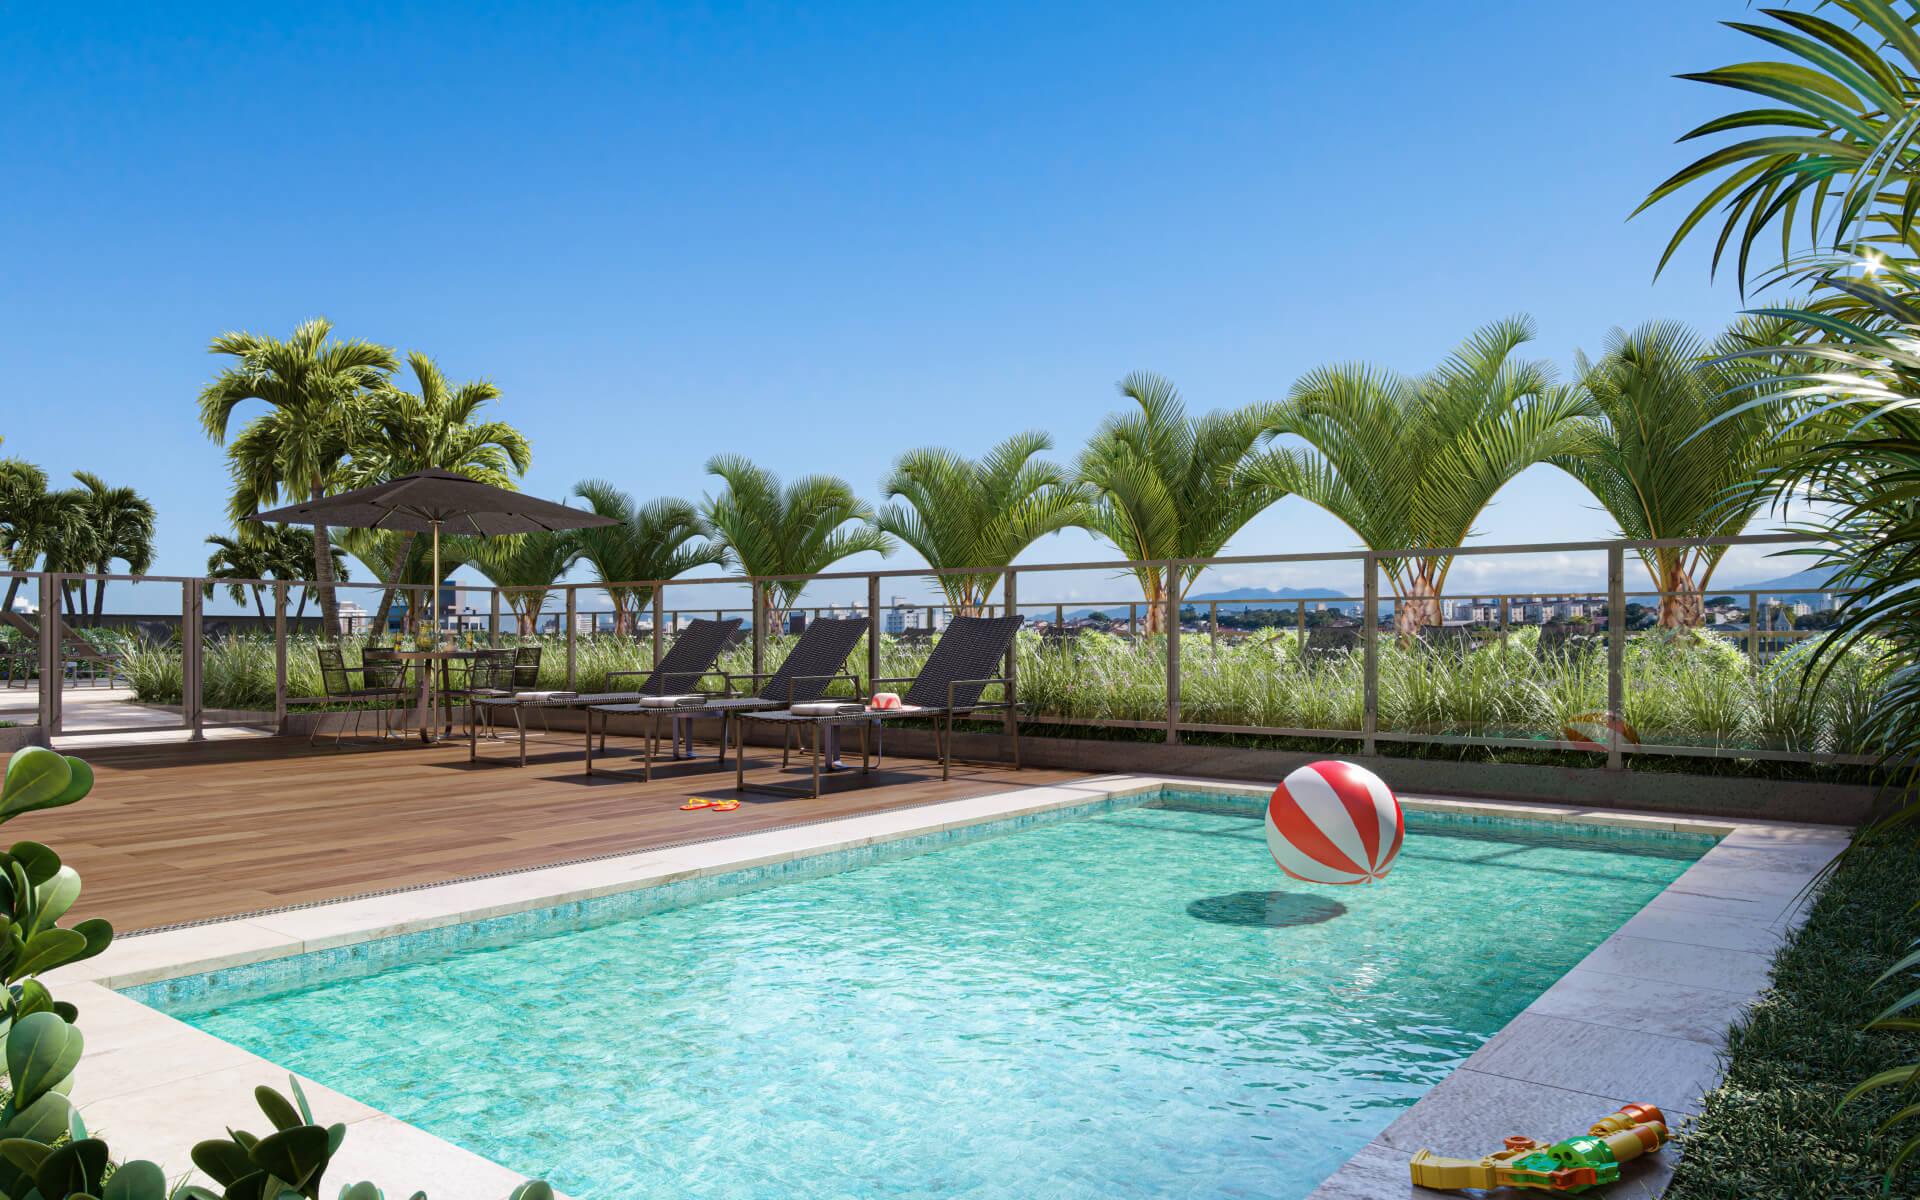 Dream View Sky Resort, foto 3